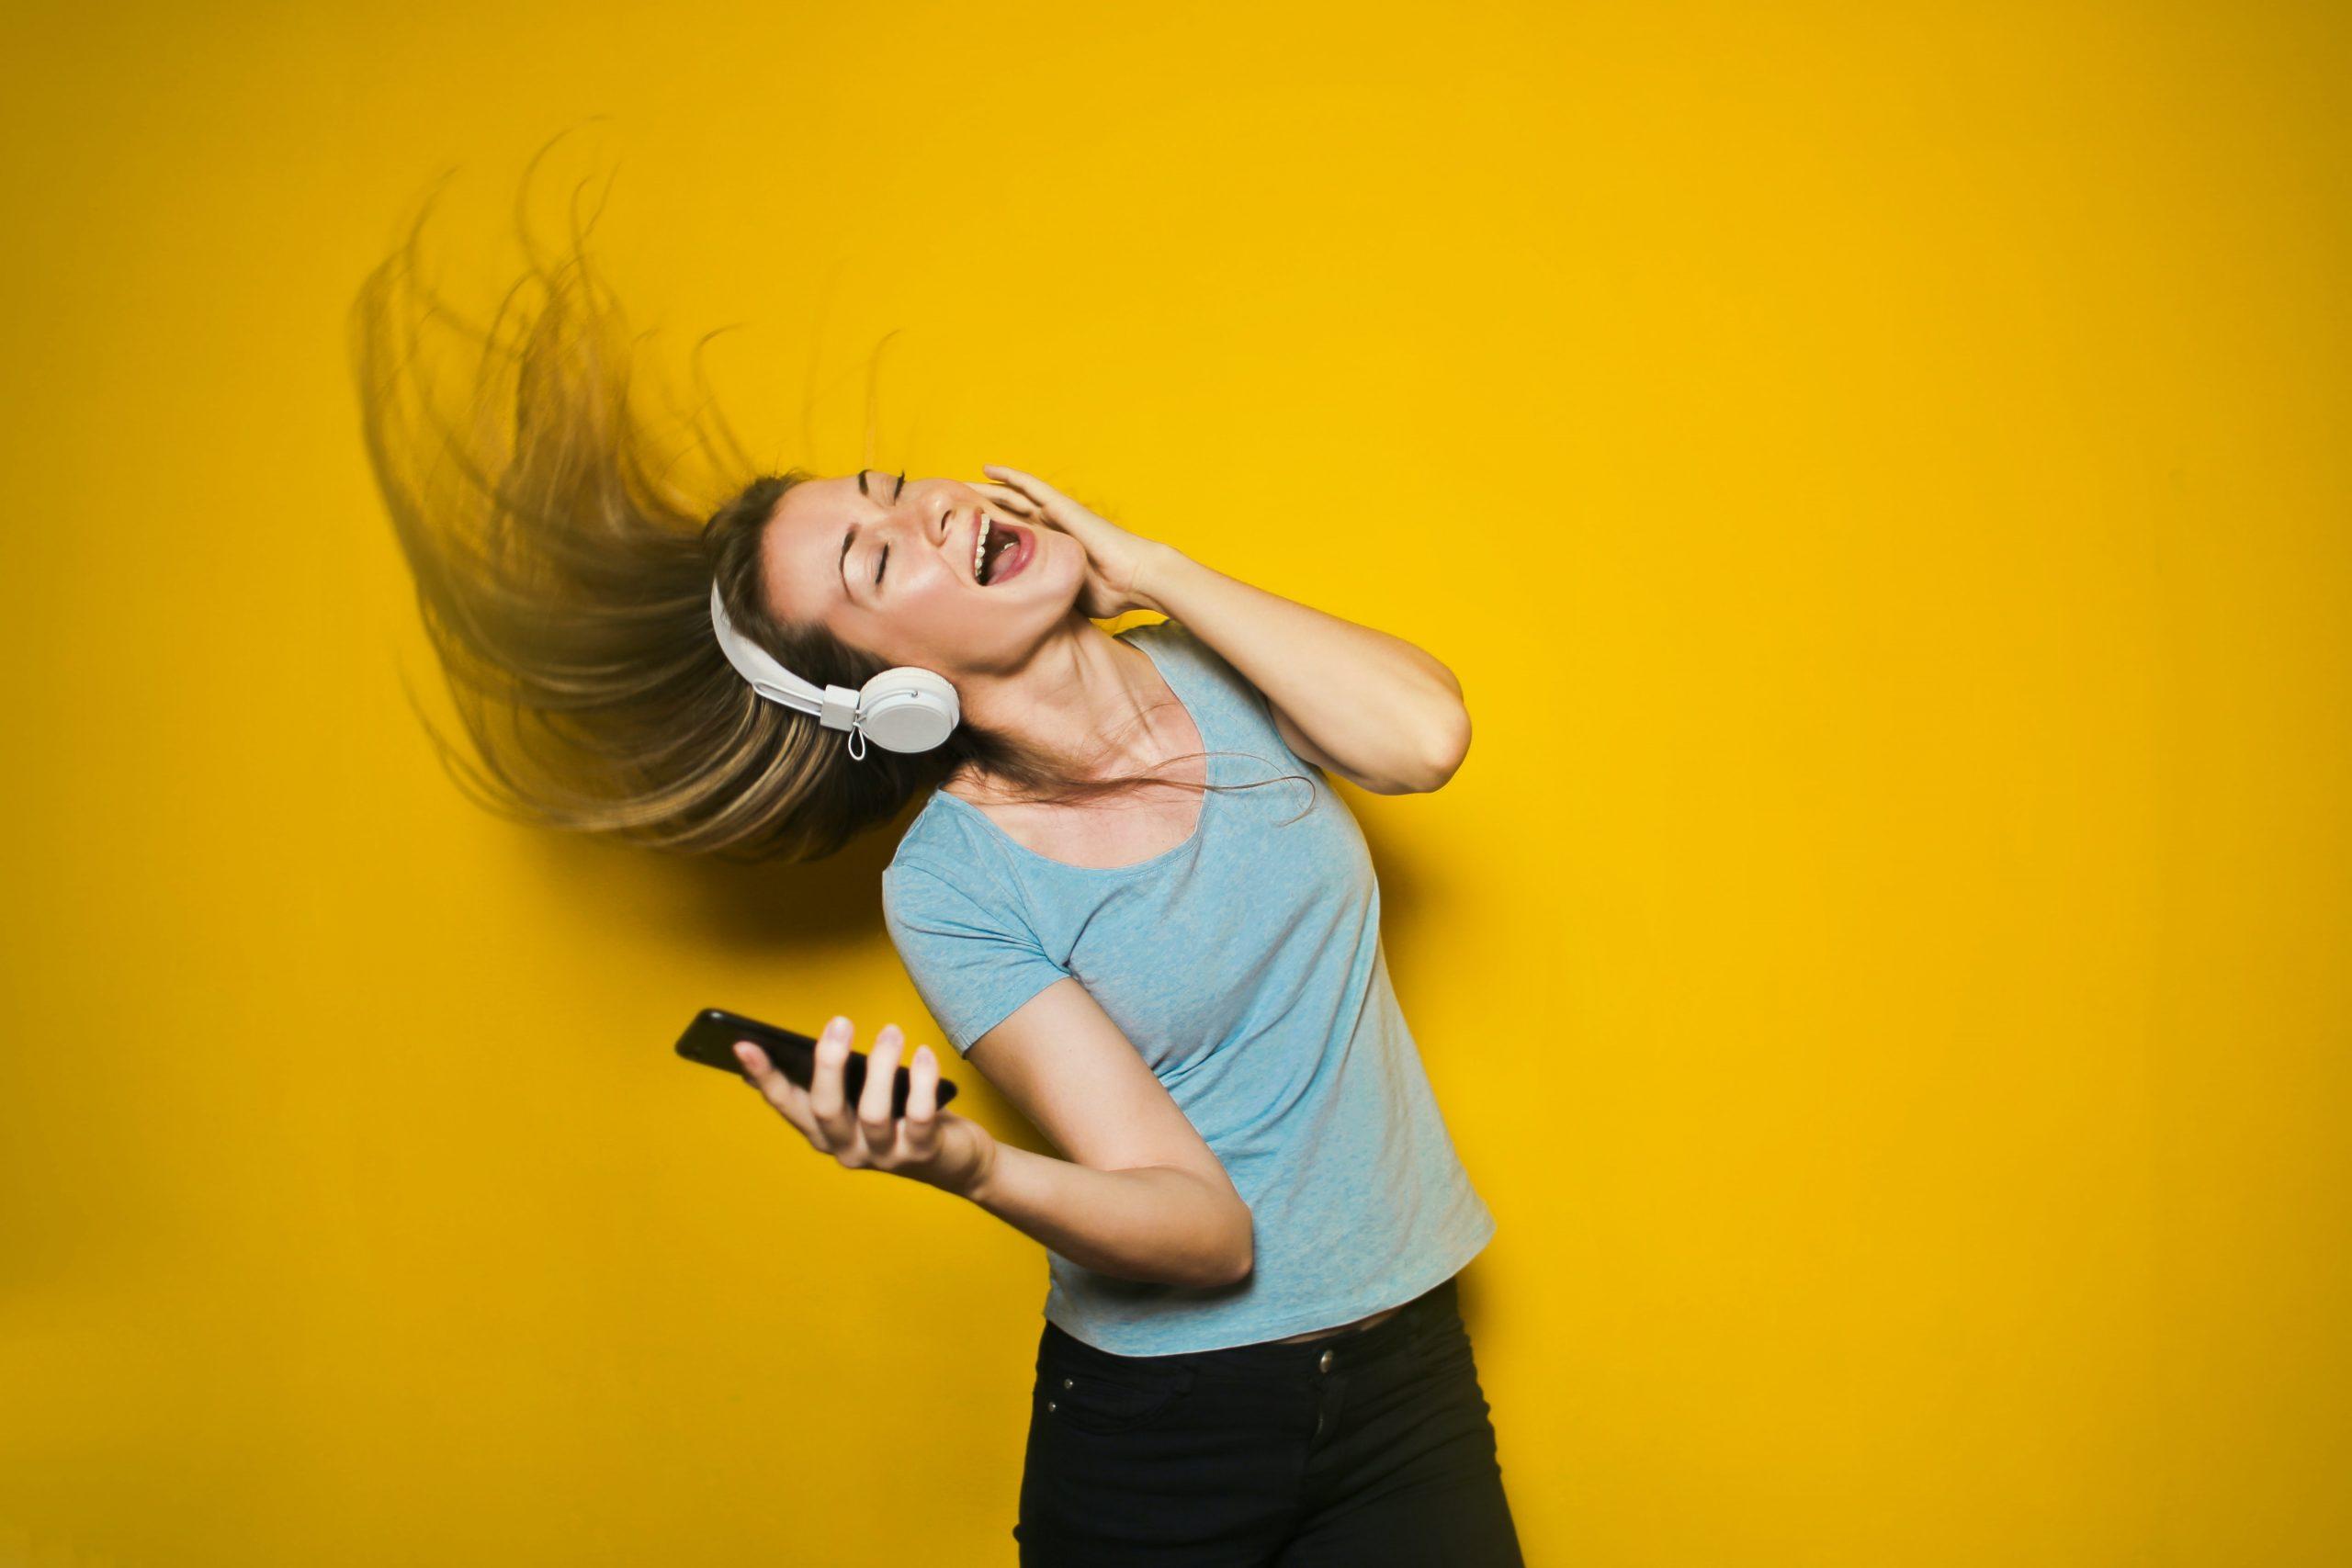 Mujer joven escuchando musica con auriculares de diadema sobre fondo naranja